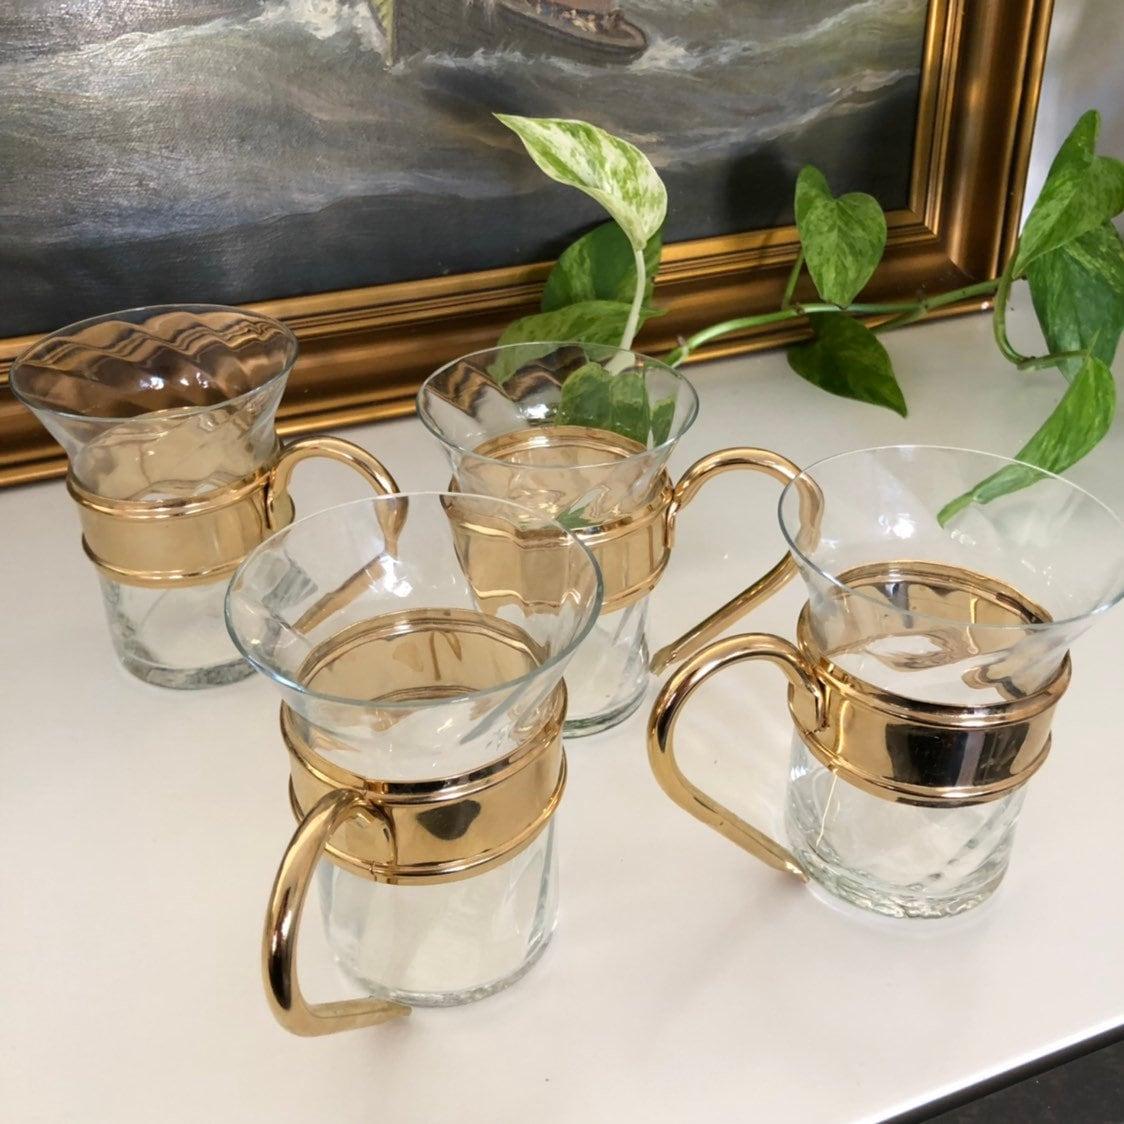 Set Of 4 Scandinavian Hot Beverage Glasses Glögg Mulled